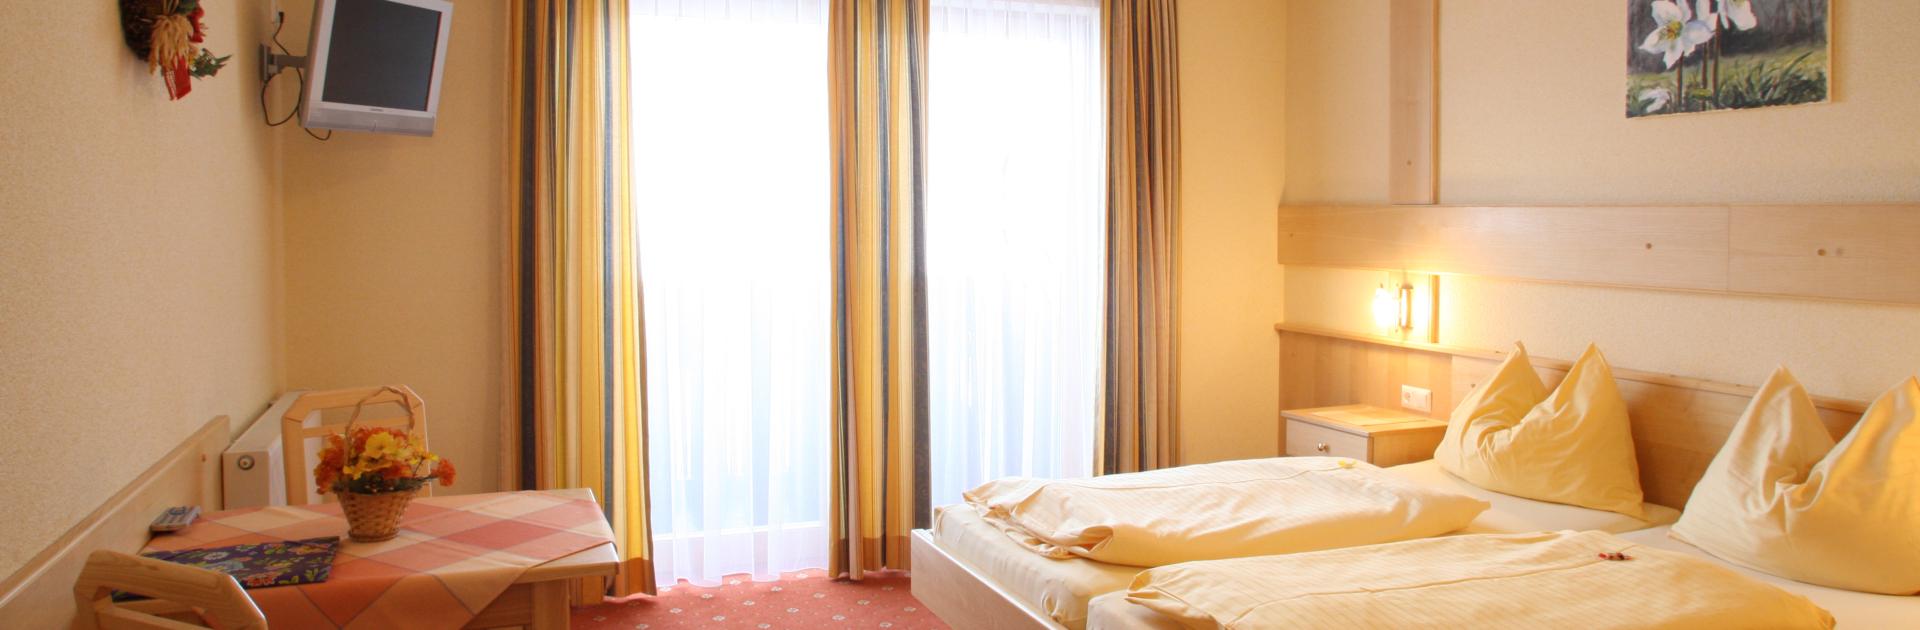 Komfort Zimmer im Hotel Timmelbauerhof